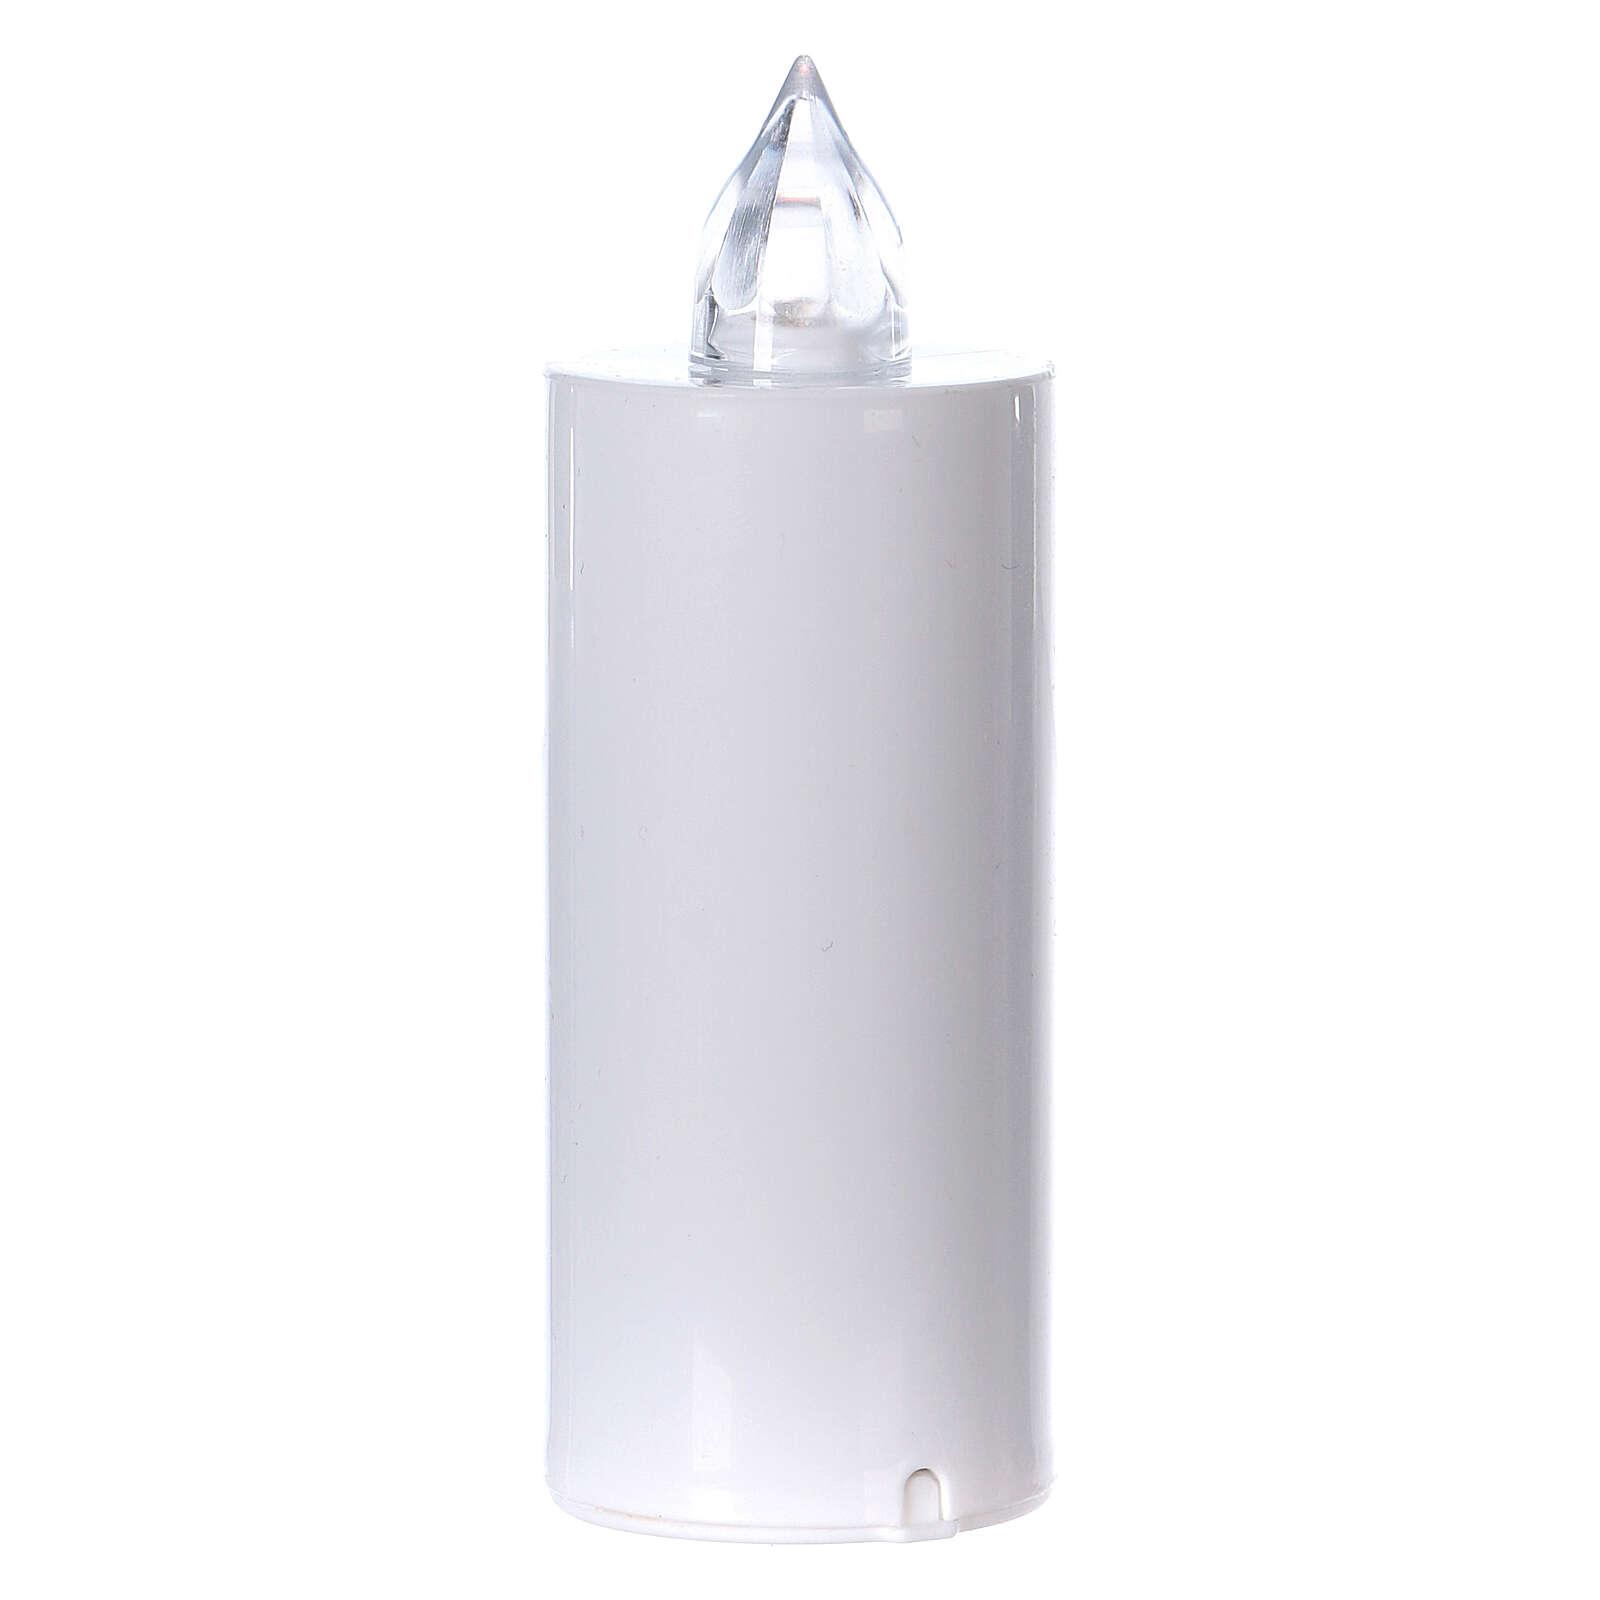 Vela votiva Lumada luz intermitente branca 3